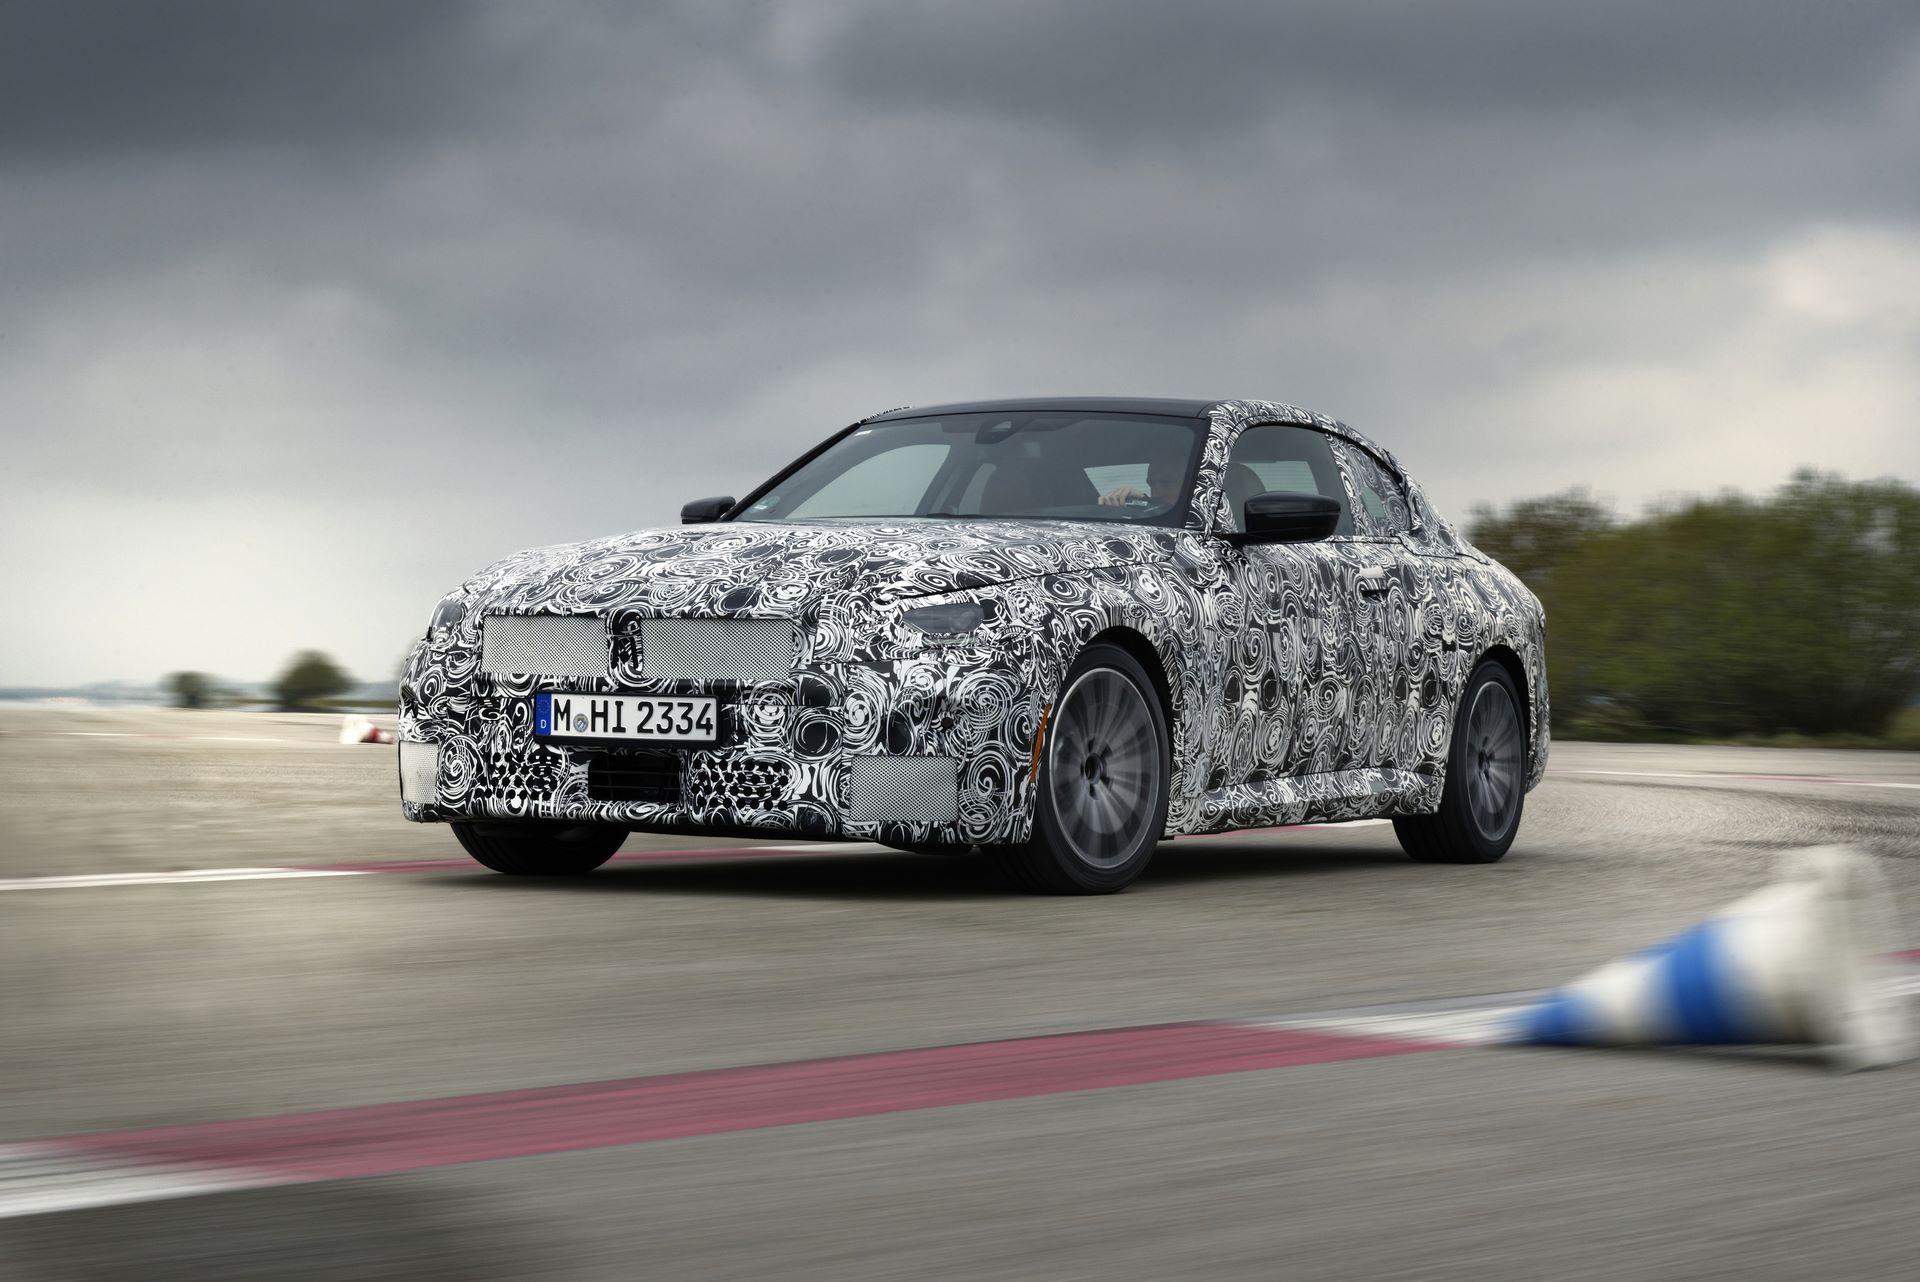 BMW-2-Series-M240i-spy-photos-10